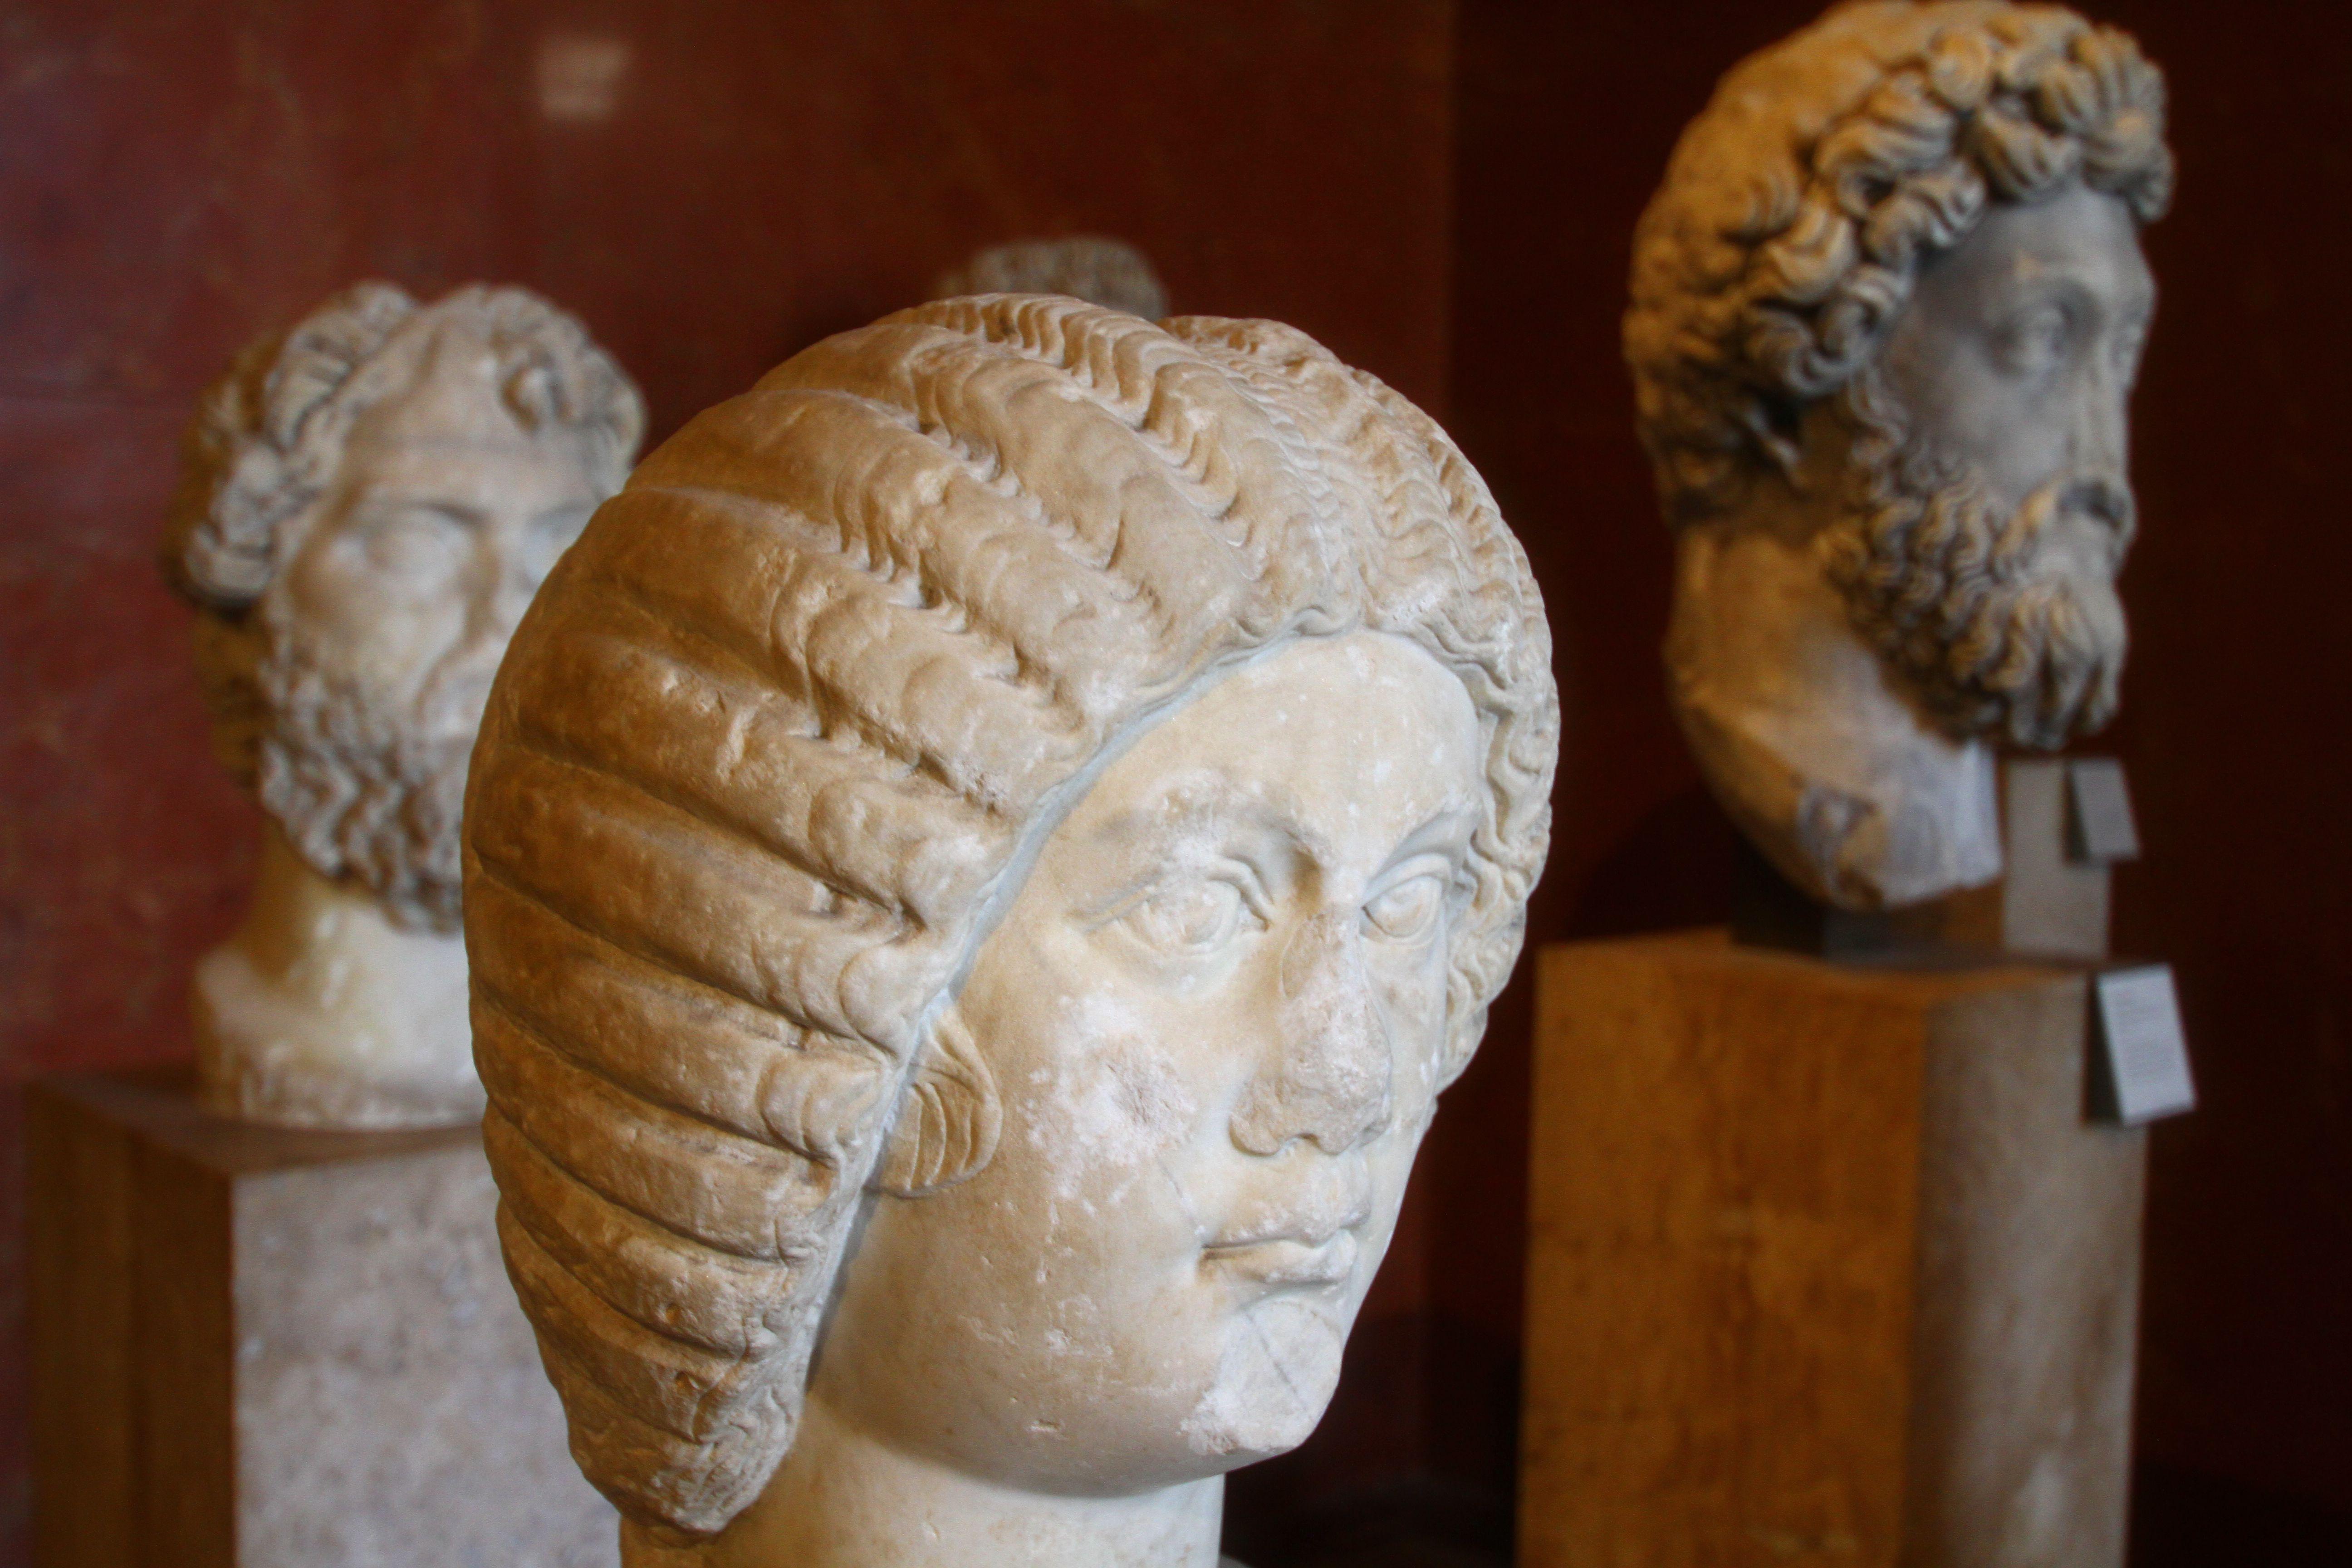 Büste von Julia Domna.  Ihr Ehemann Septimius Severus ist auf der linken Seite.  Marcus Aurelius ist auf der rechten Seite.